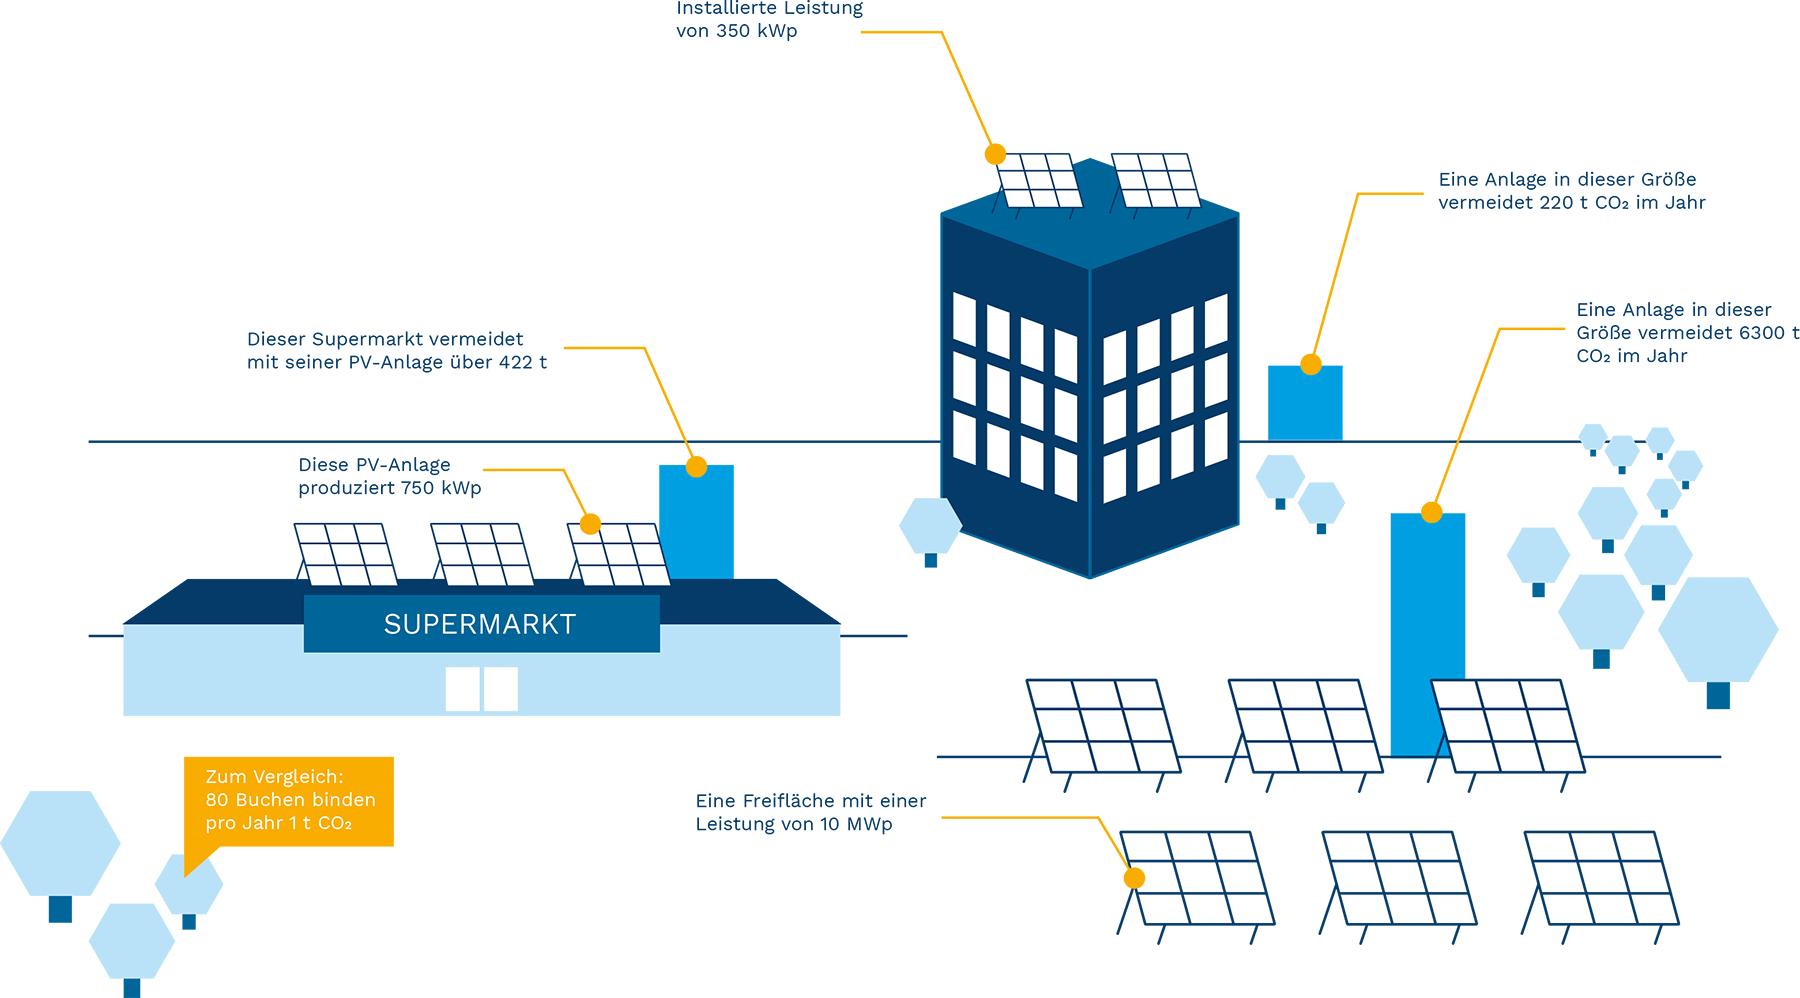 Grafico informativo sul fotovoltaico